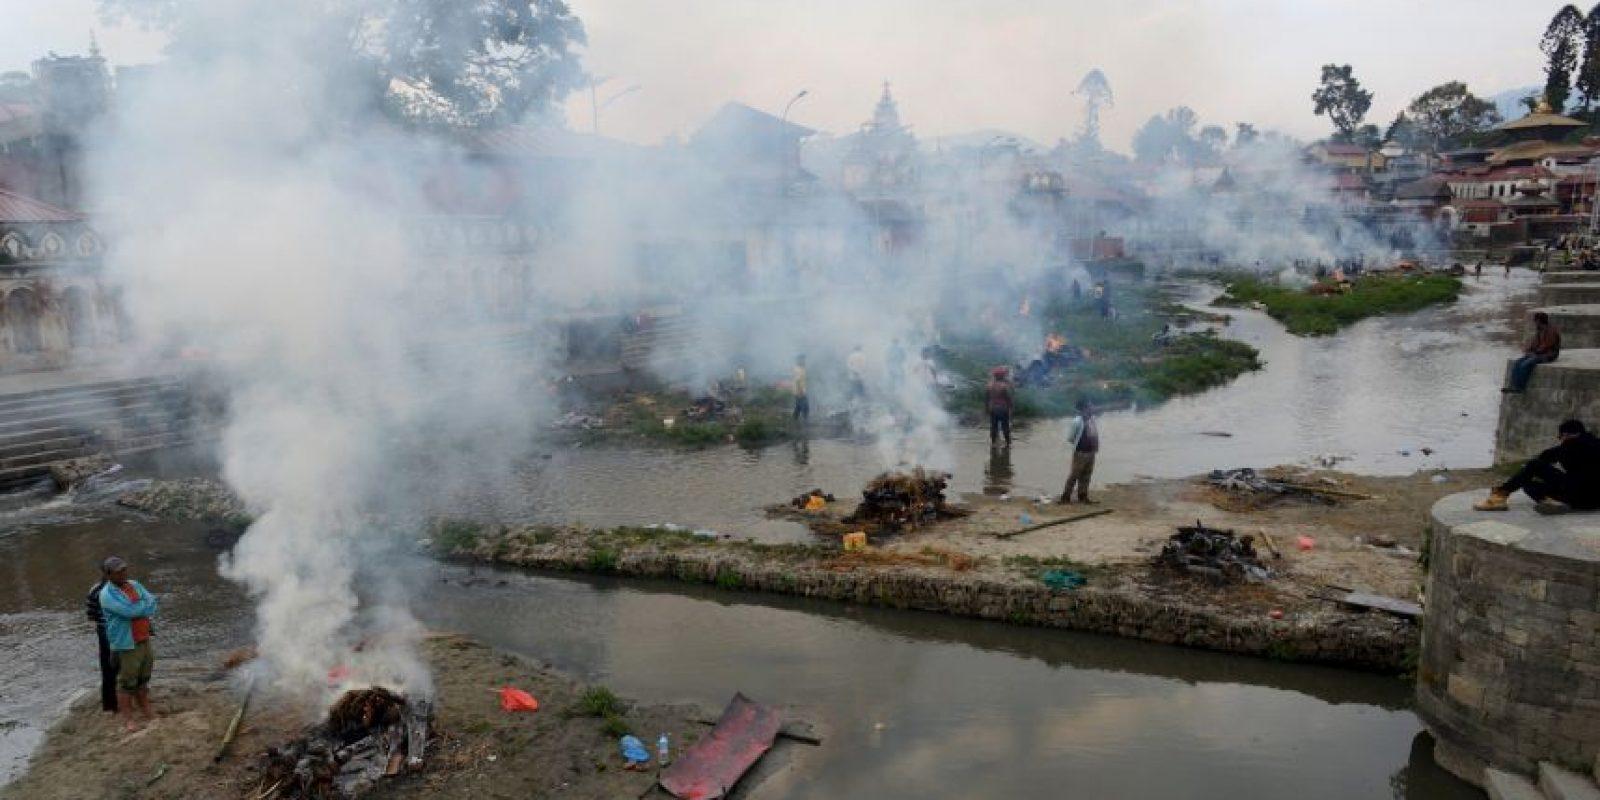 Las personas llevan a cabo las cremaciones sin seguir los pasos adecuados de los rituales tradicionales. Foto:AFP